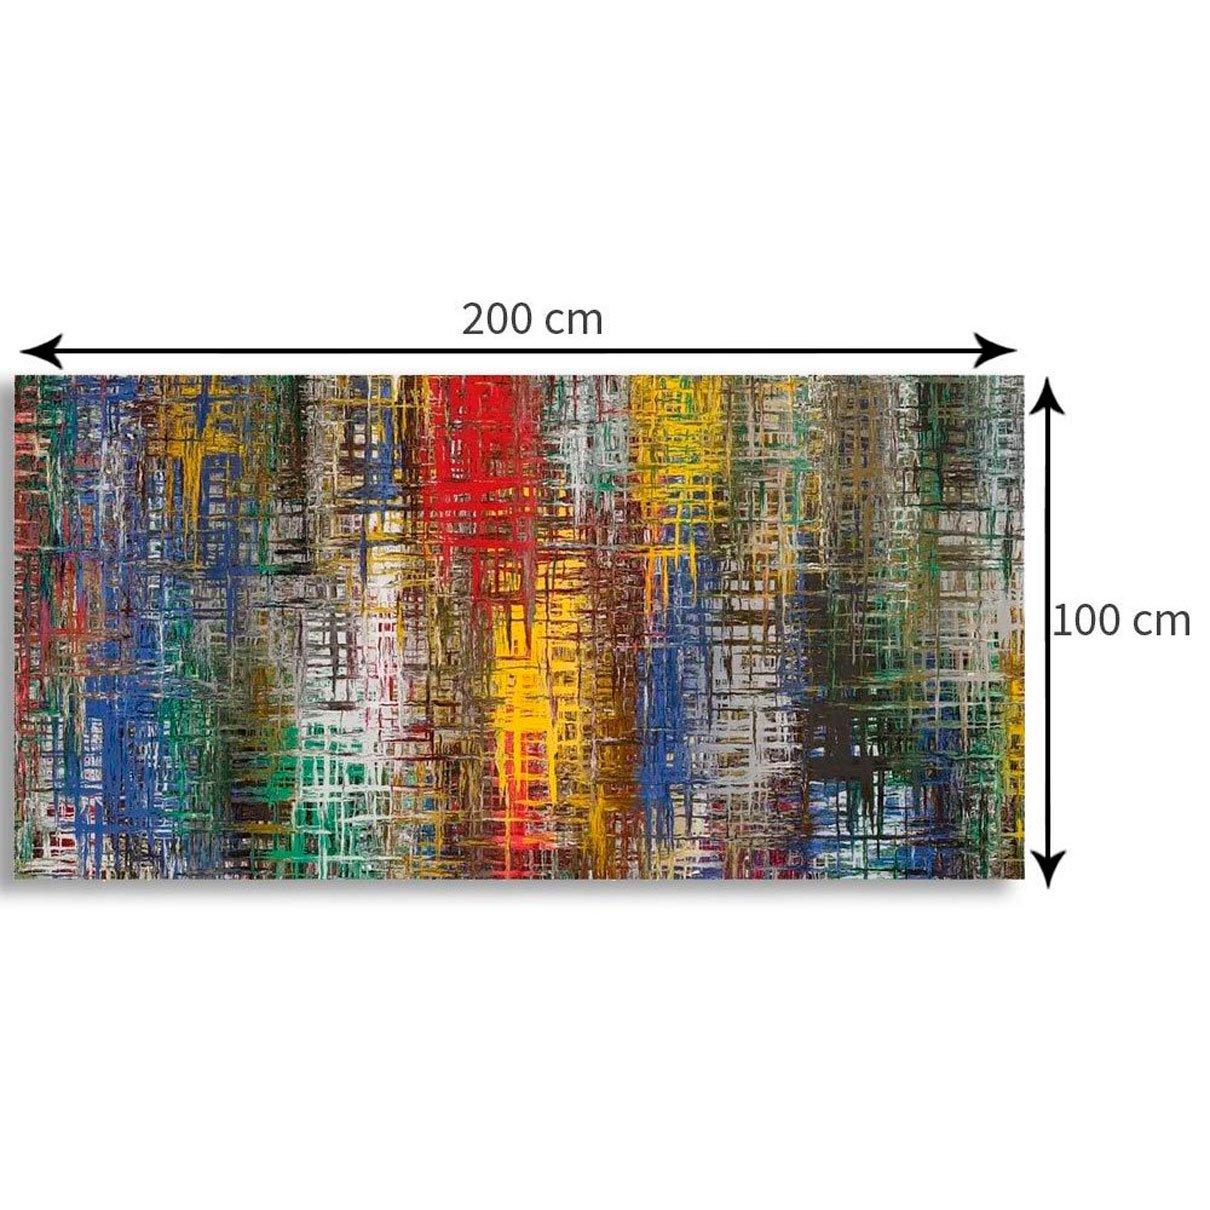 Quadro Decorativo Tela Abstrata Malhas Coloridas 200x100cm